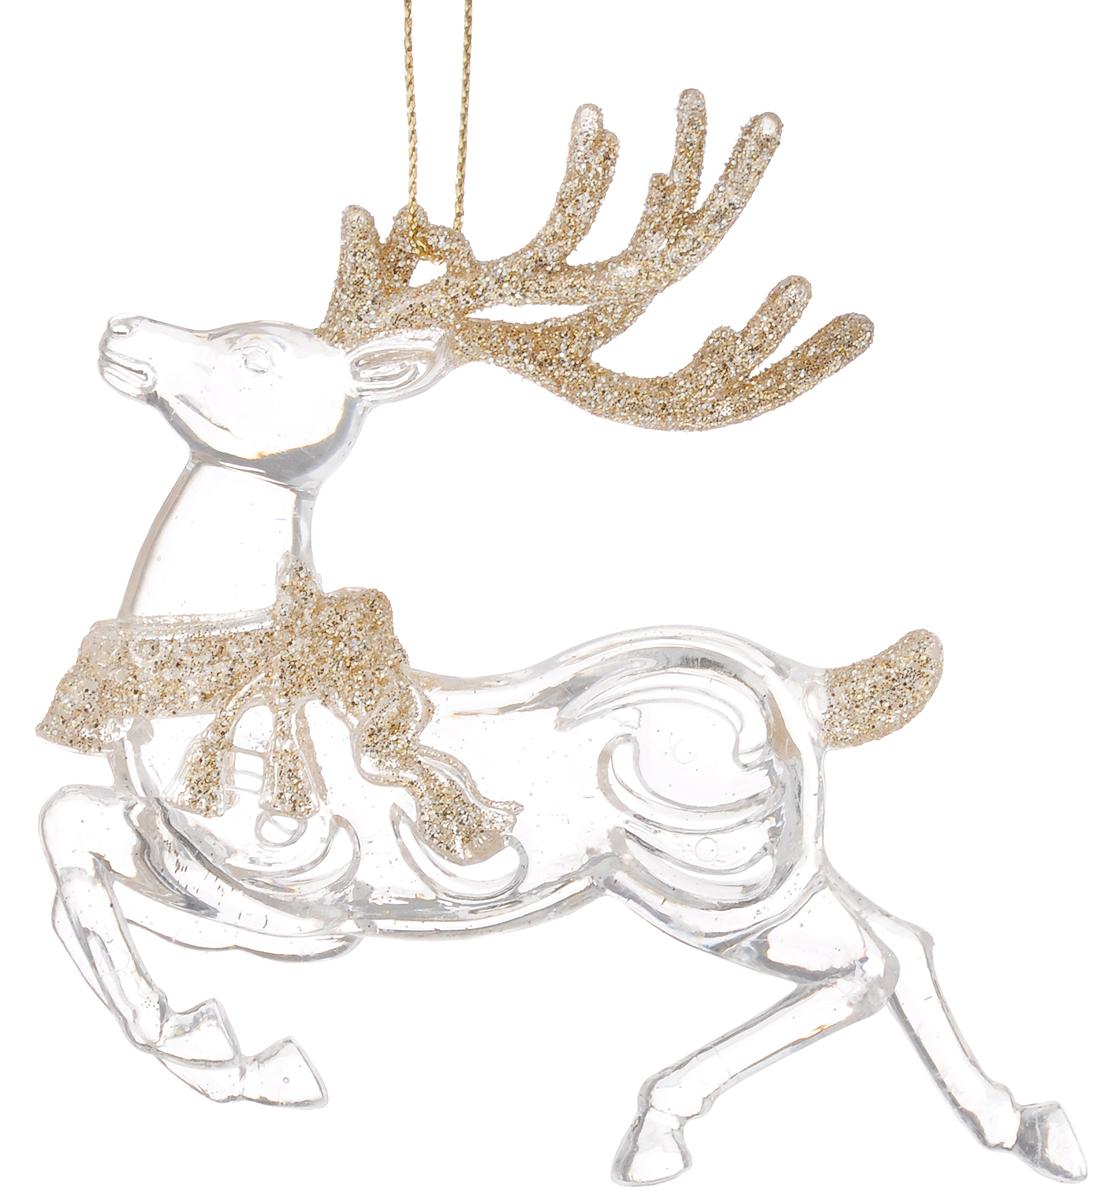 Украшение новогоднее подвесное Magic Time Сказочные олени в золотом, высота 10,8 см38586Новогоднее подвесное украшение Magic Time Сказочные олени в золотомвыполнено из пластика в виде оленя и украшено блестками. С помощьюспециальной петельки украшение можно повесить в любом понравившемся вамместе. Но, конечно, удачнее всего оно будет смотреться на праздничной елке.Елочная игрушка - символ Нового года. Она несет в себе волшебство и красотупраздника. Создайте в своем доме атмосферу веселья и радости, украшаяновогоднюю елку нарядными игрушками, которые будут из года в год накапливатьтеплоту воспоминаний.